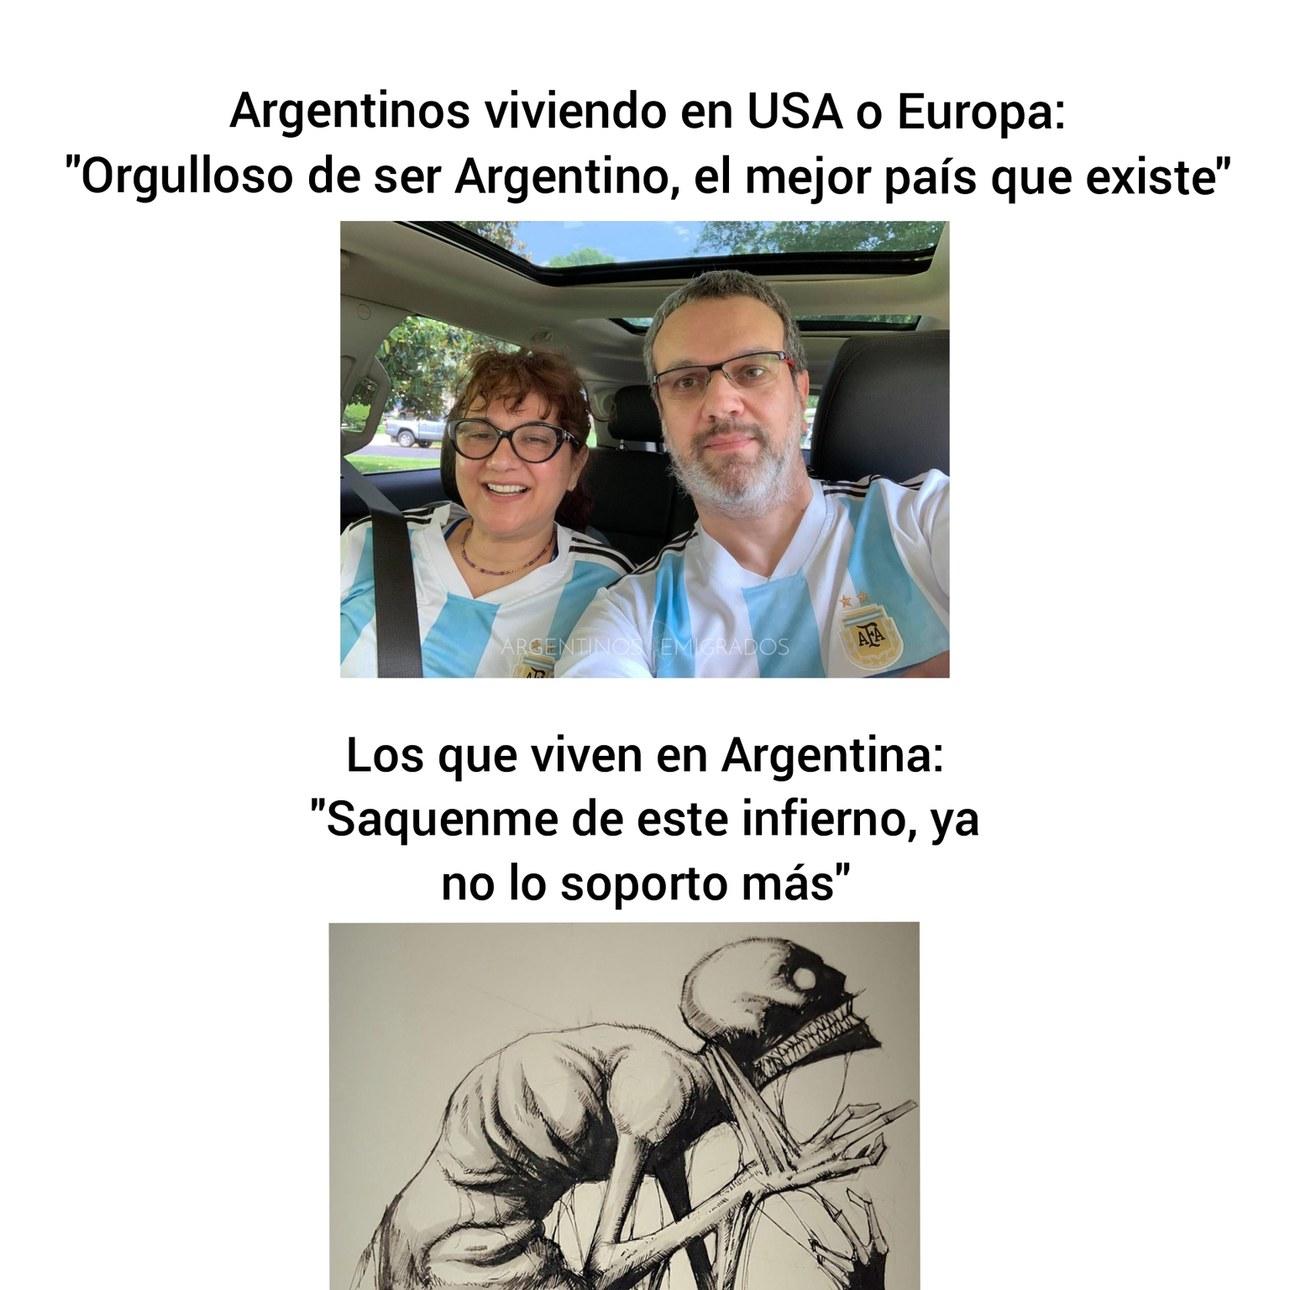 Aplica para Venezuela también - meme